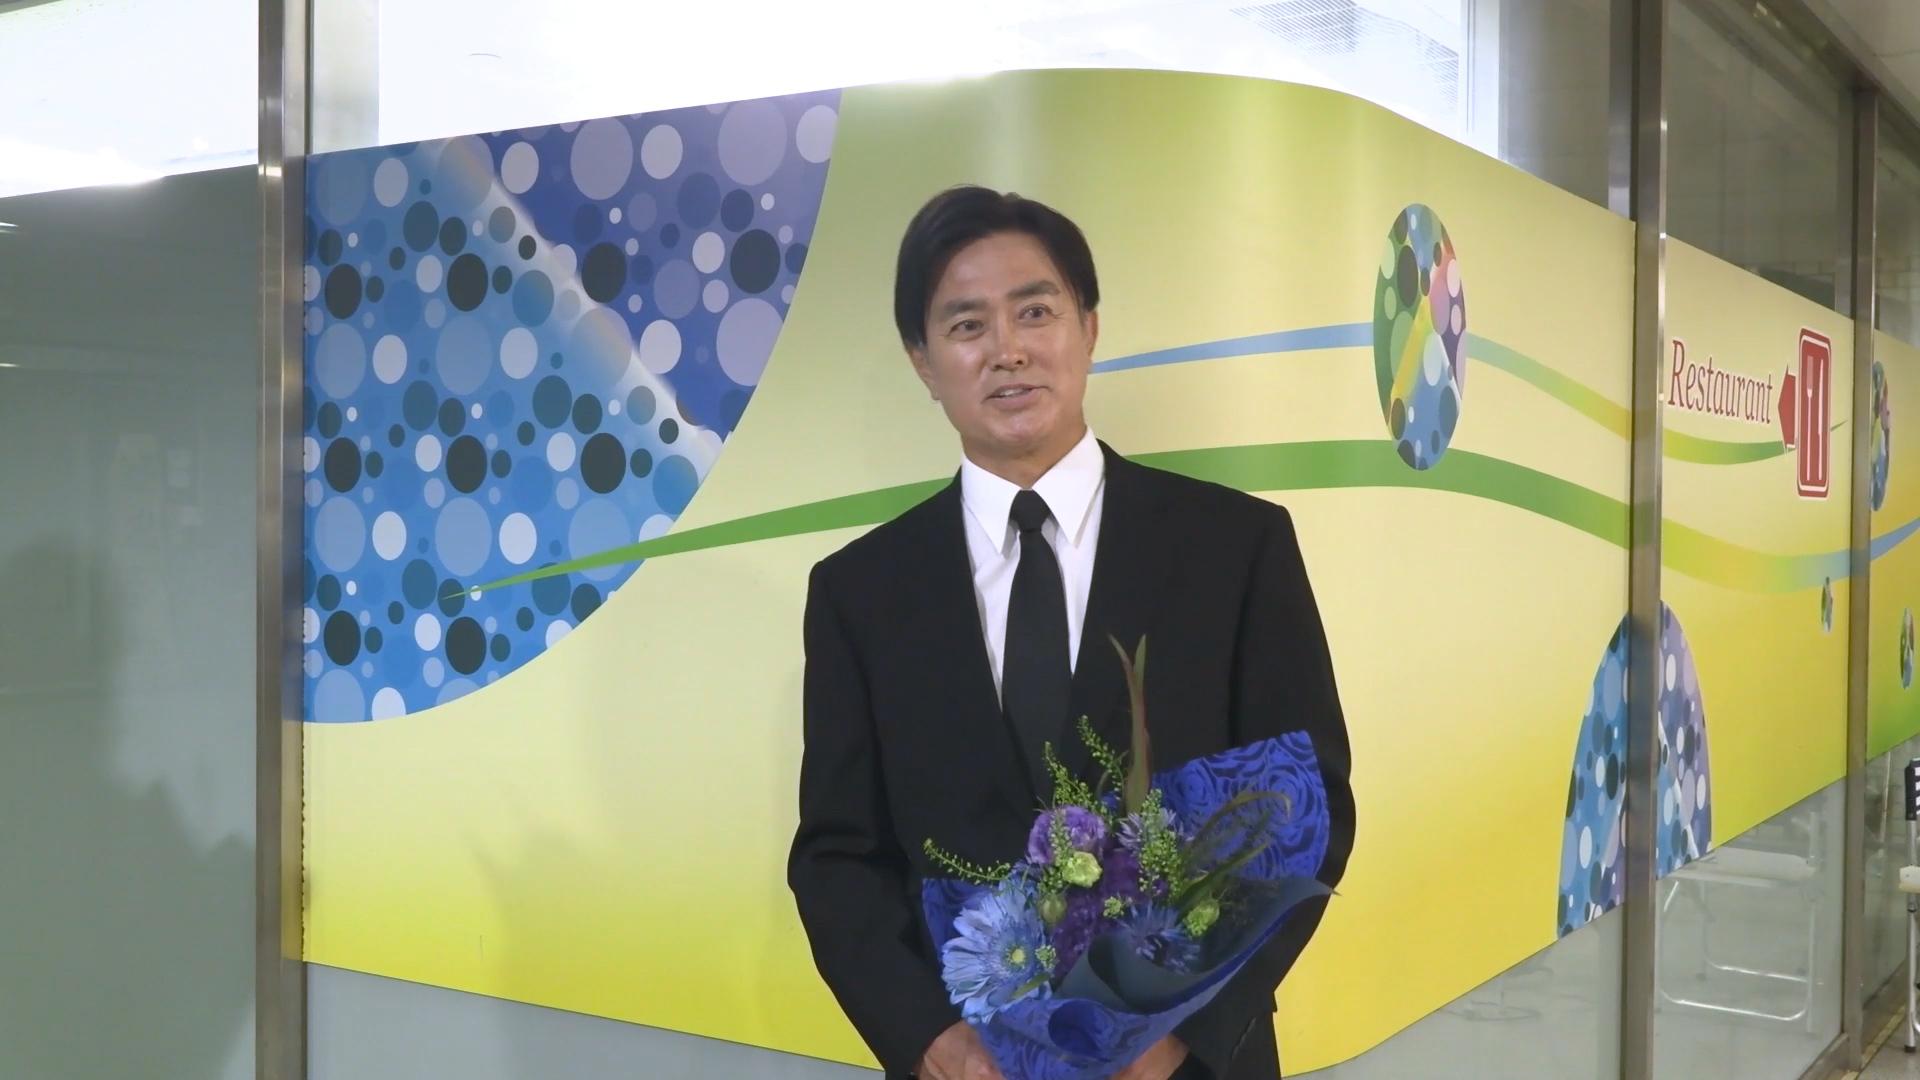 石黒賢 (C)日本テレビ